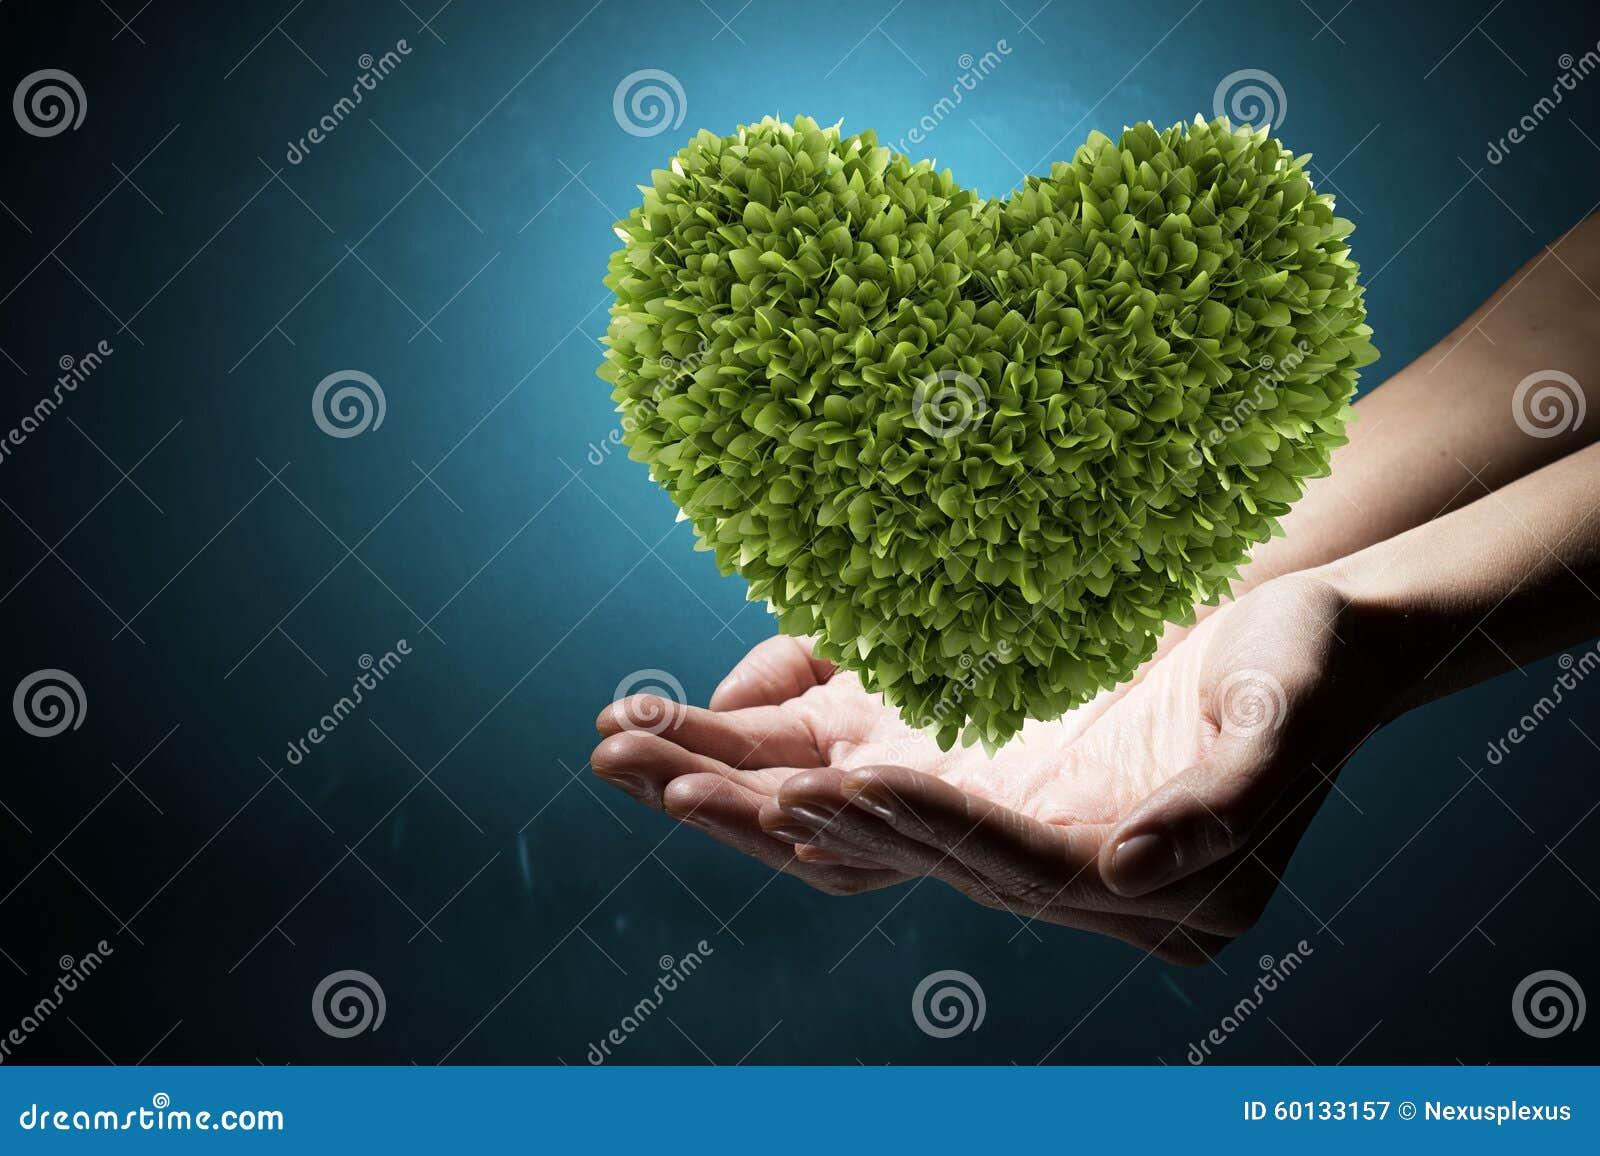 Con Amor A La Naturaleza Imagen De Archivo Imagen De Planta 60133157